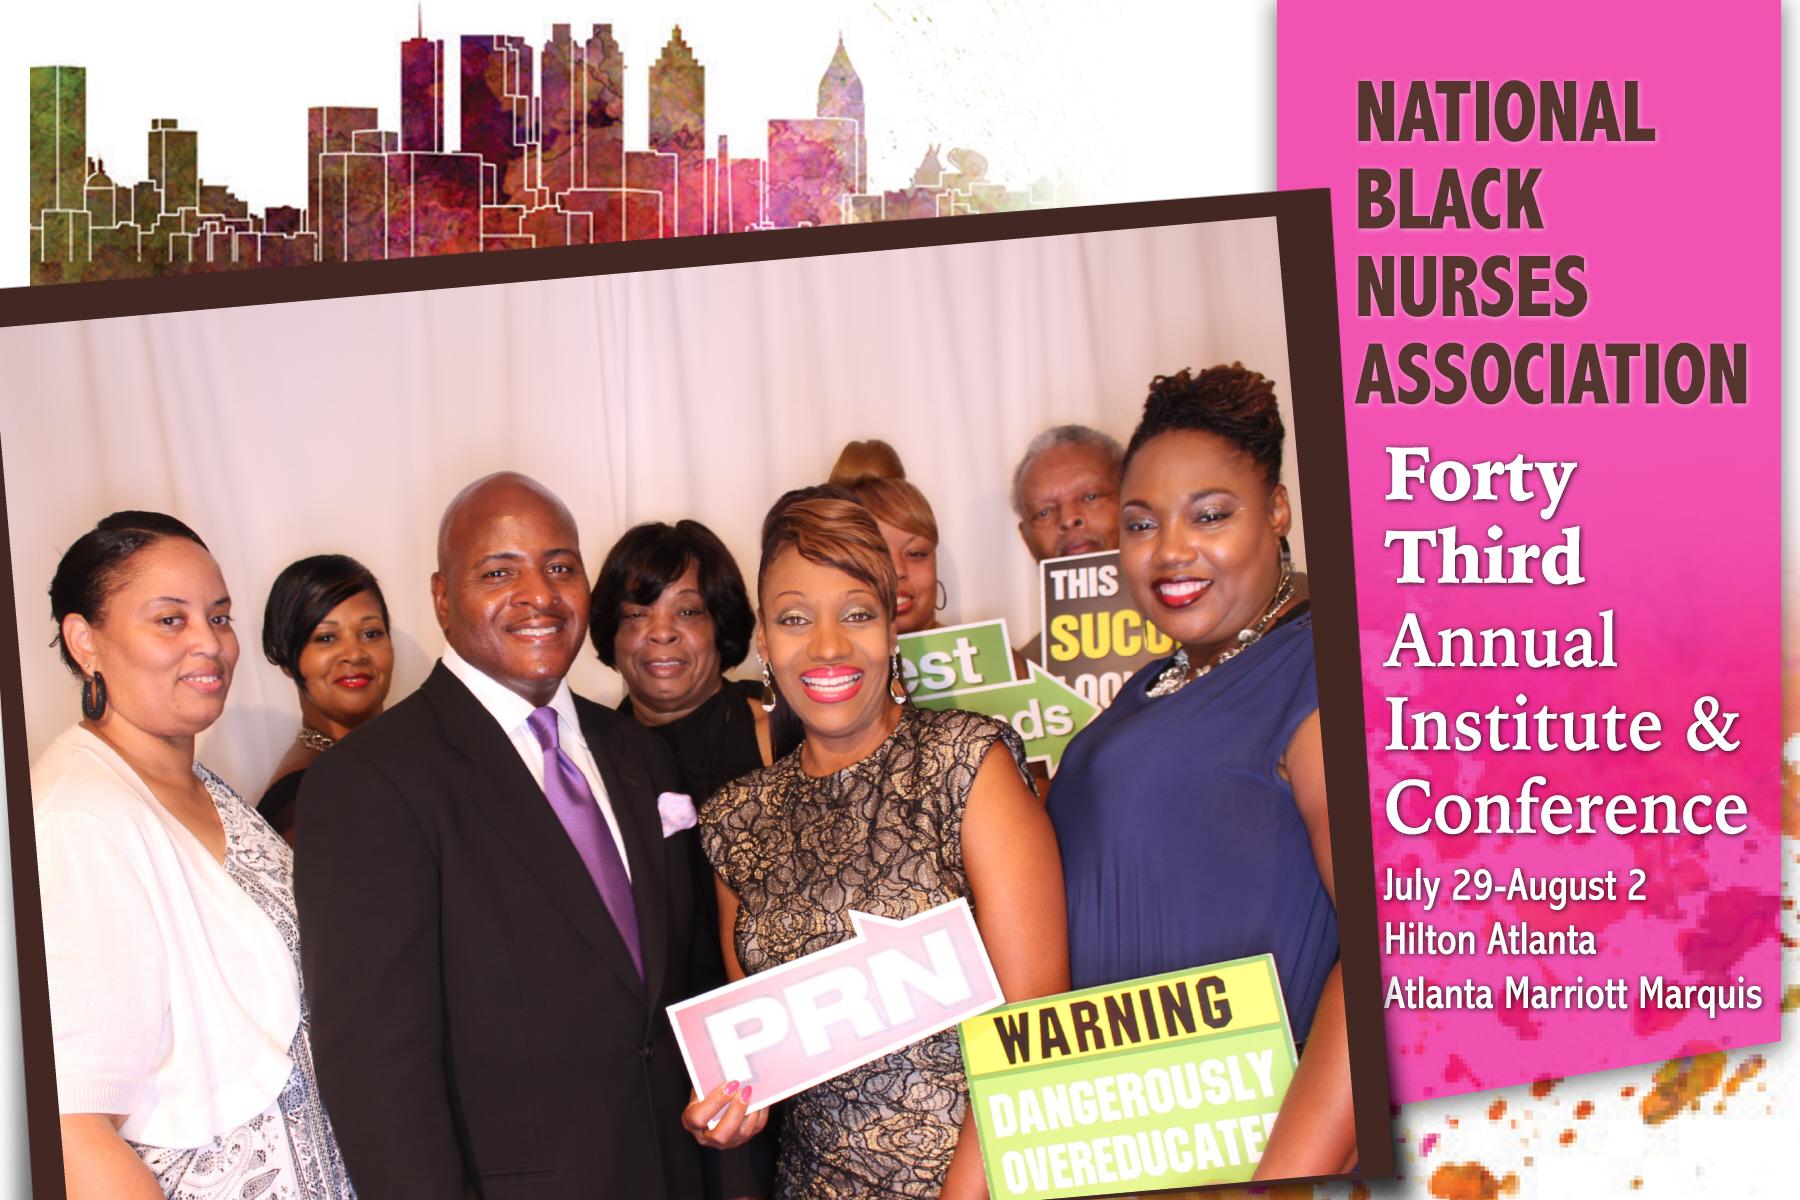 #NBNA 43rd Annual Institute & Conf.